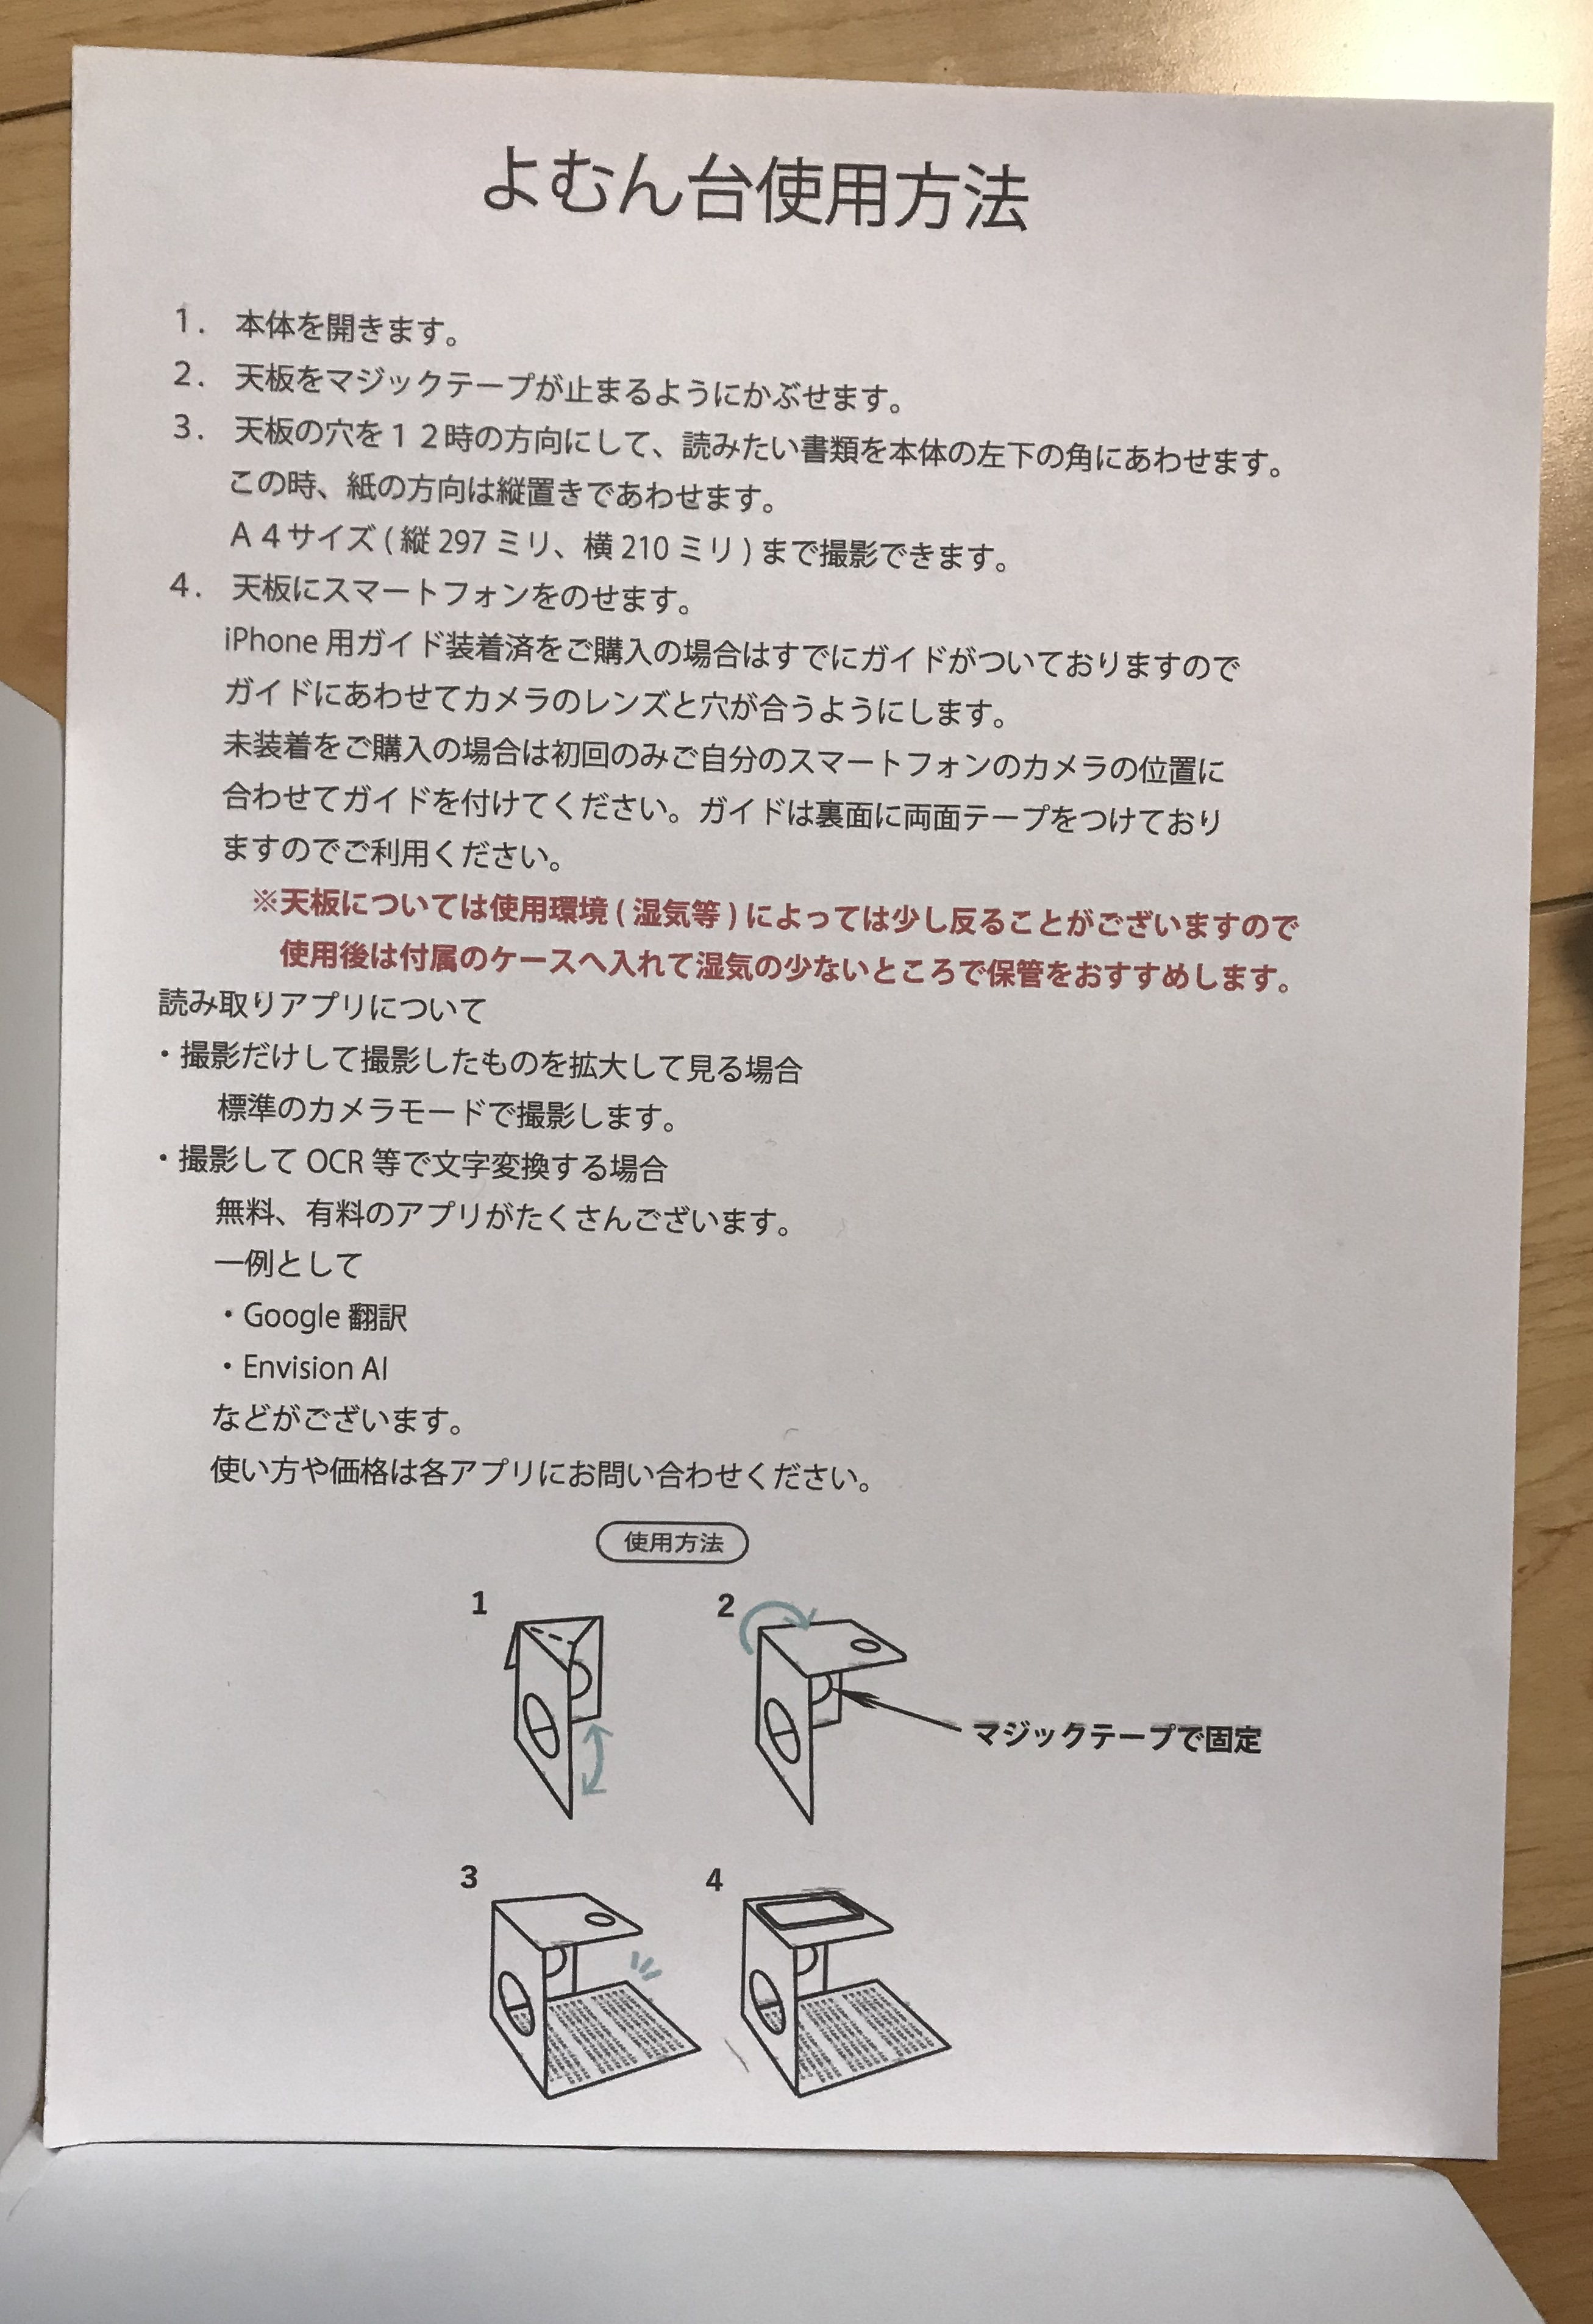 よむん台を使って撮影した書類の画像